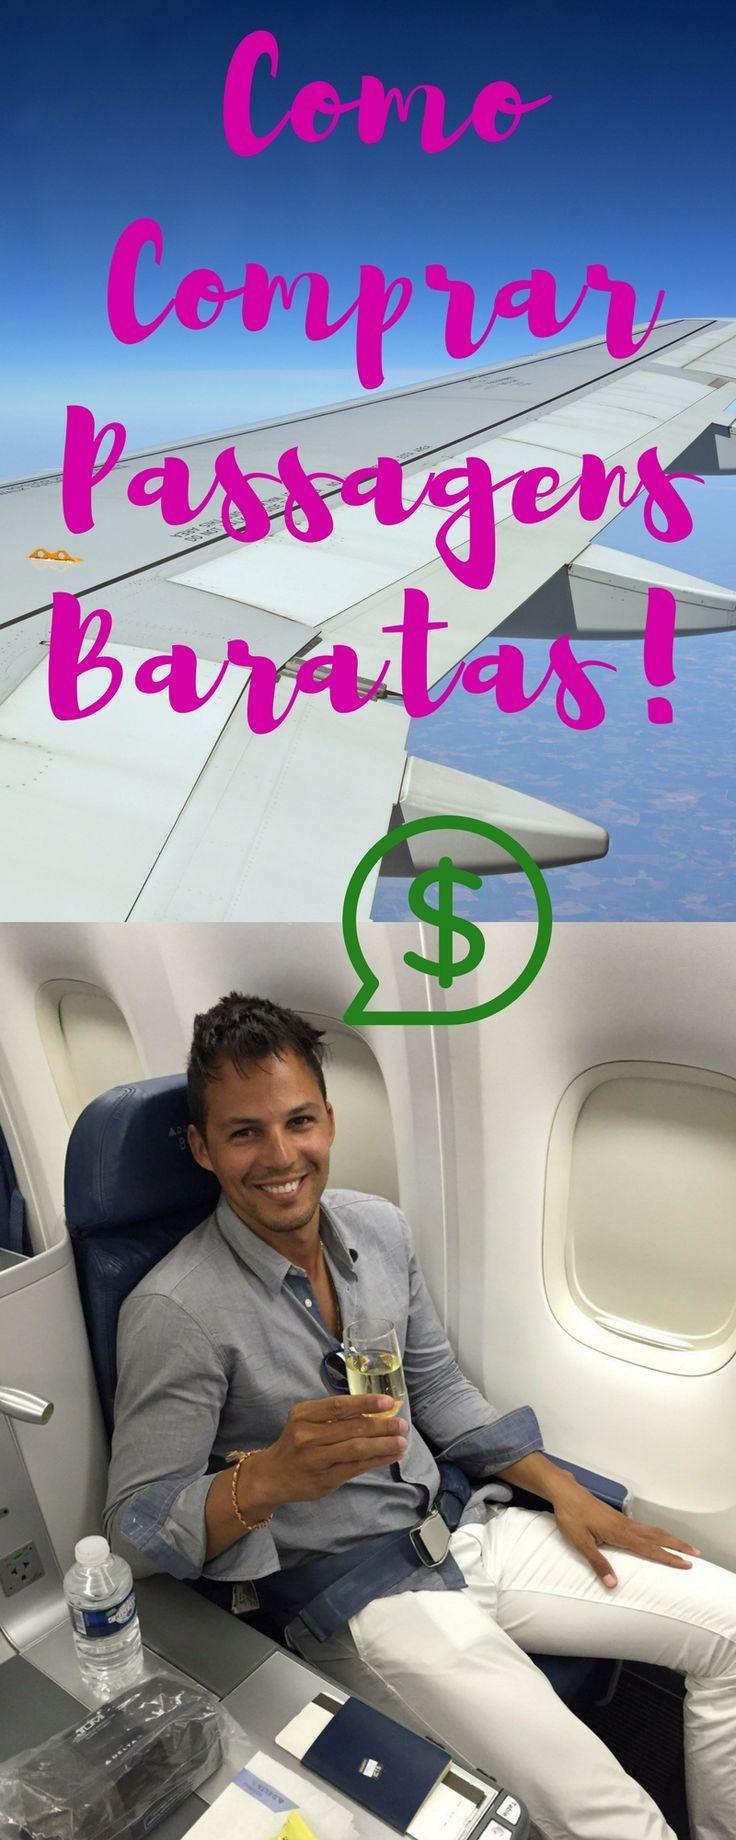 Todas as dicas e truques que uso para conseguir comprar passagens aéreas baratas.